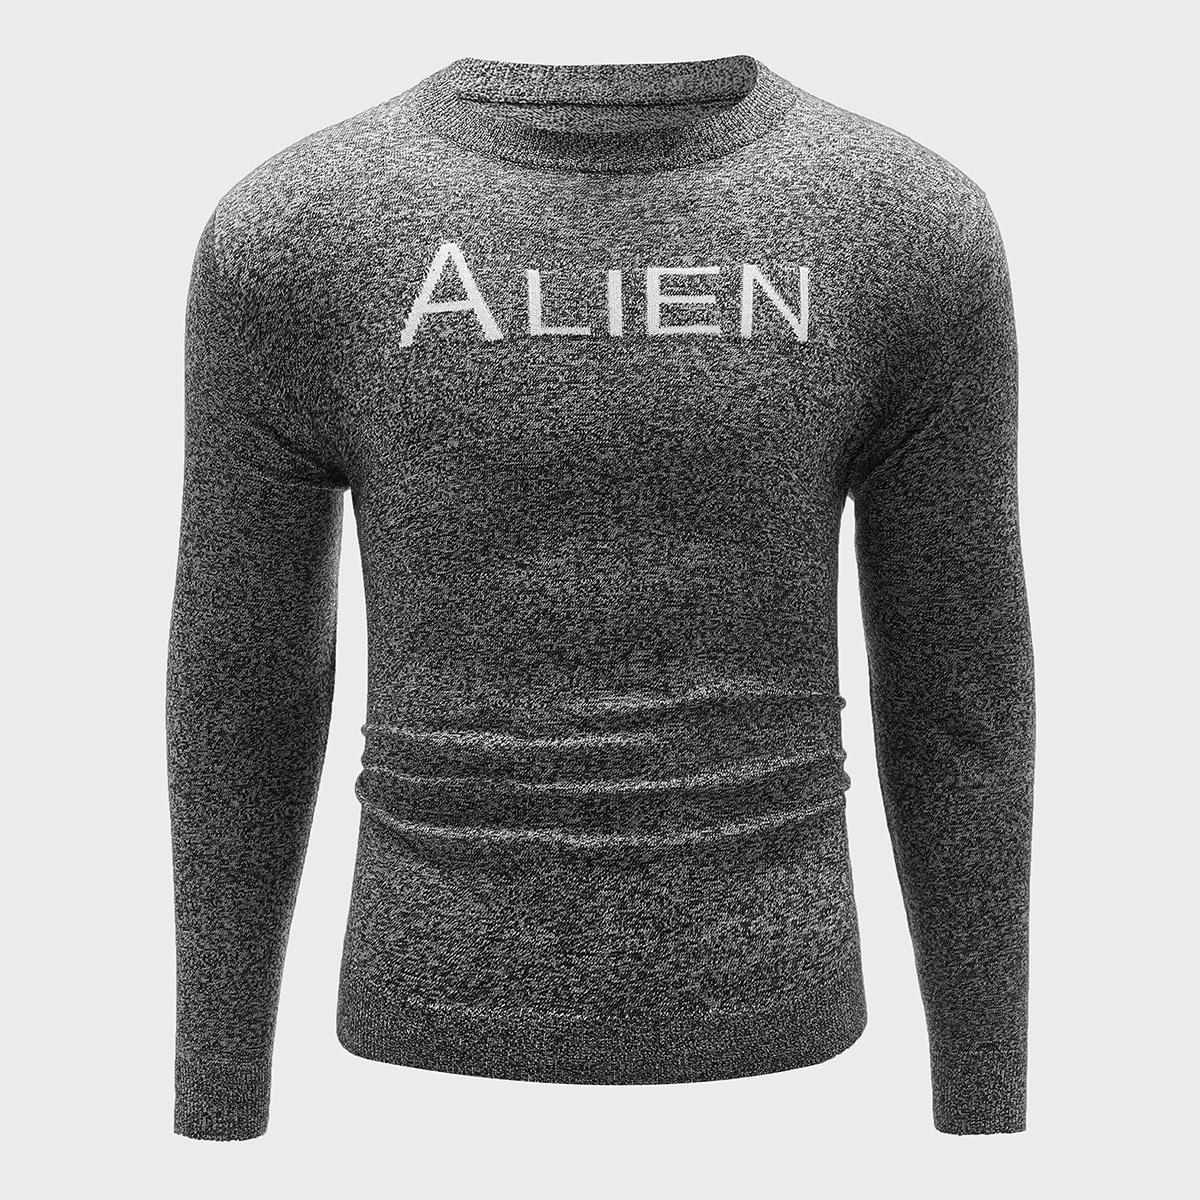 Мужской свитер с принтом букв